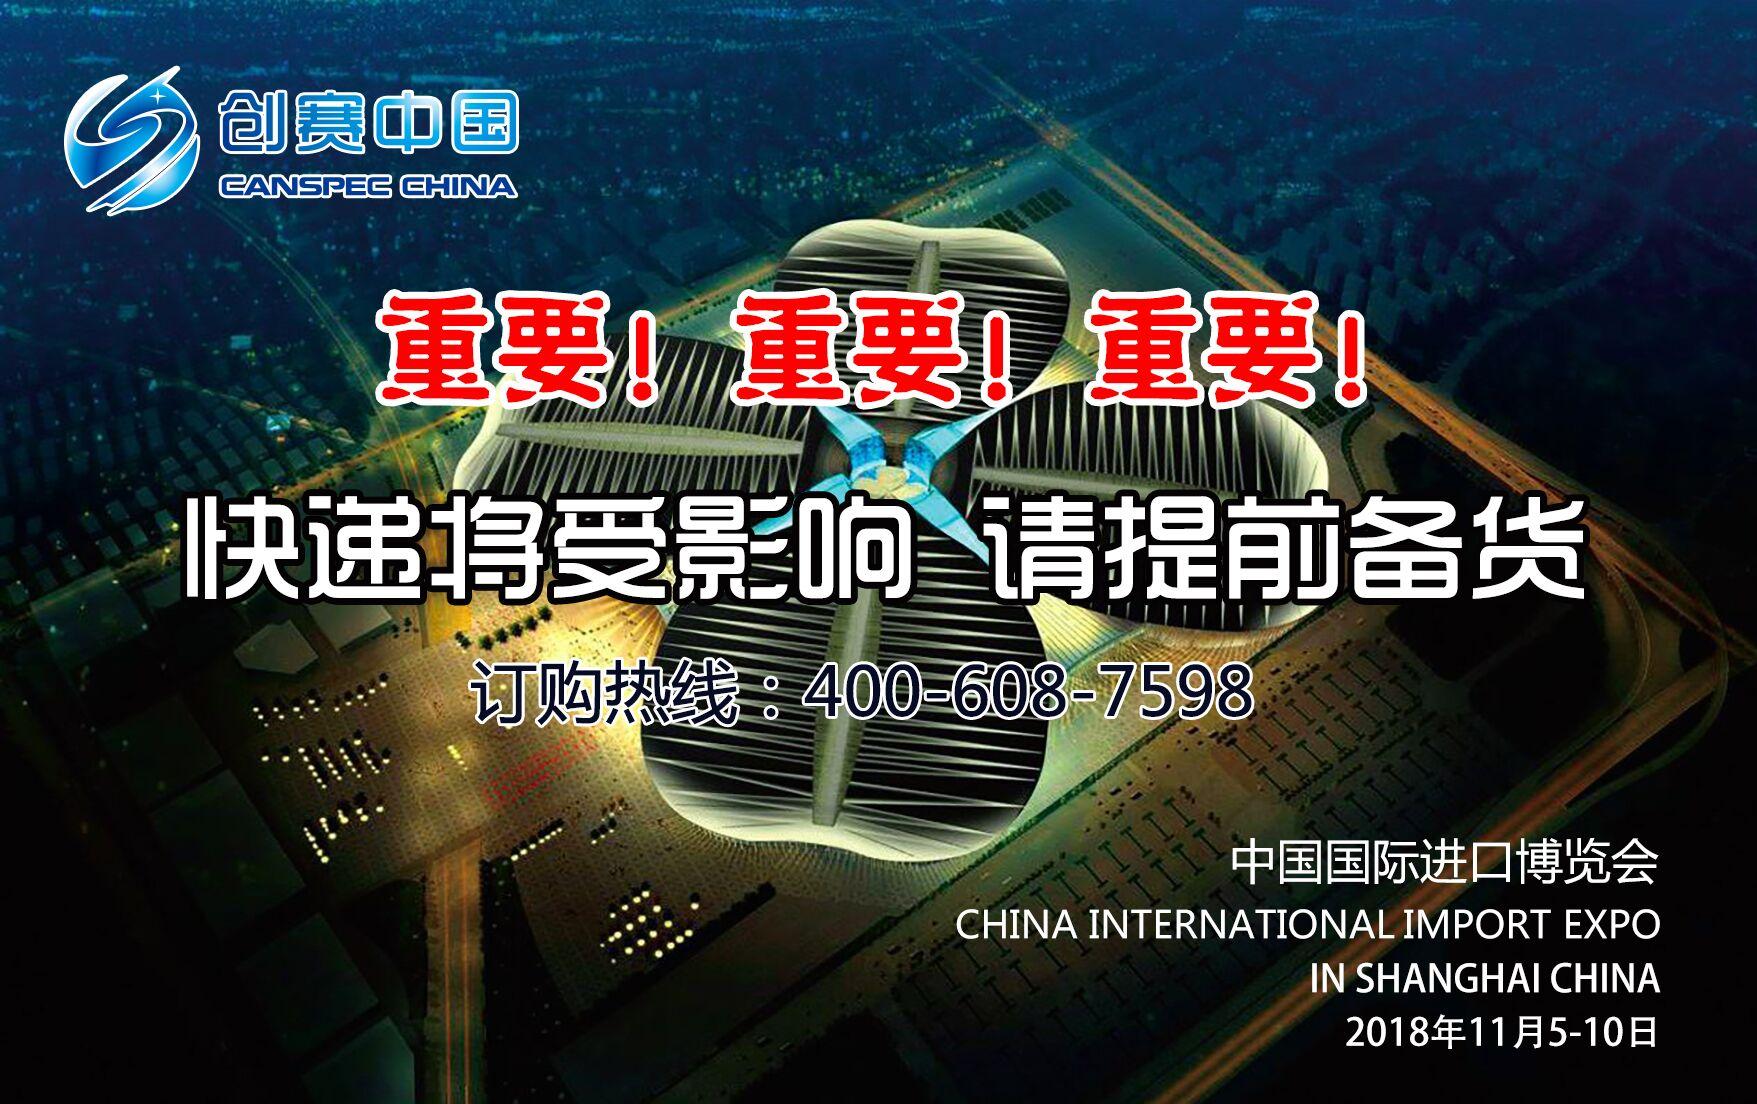 上海创赛科技重要通知